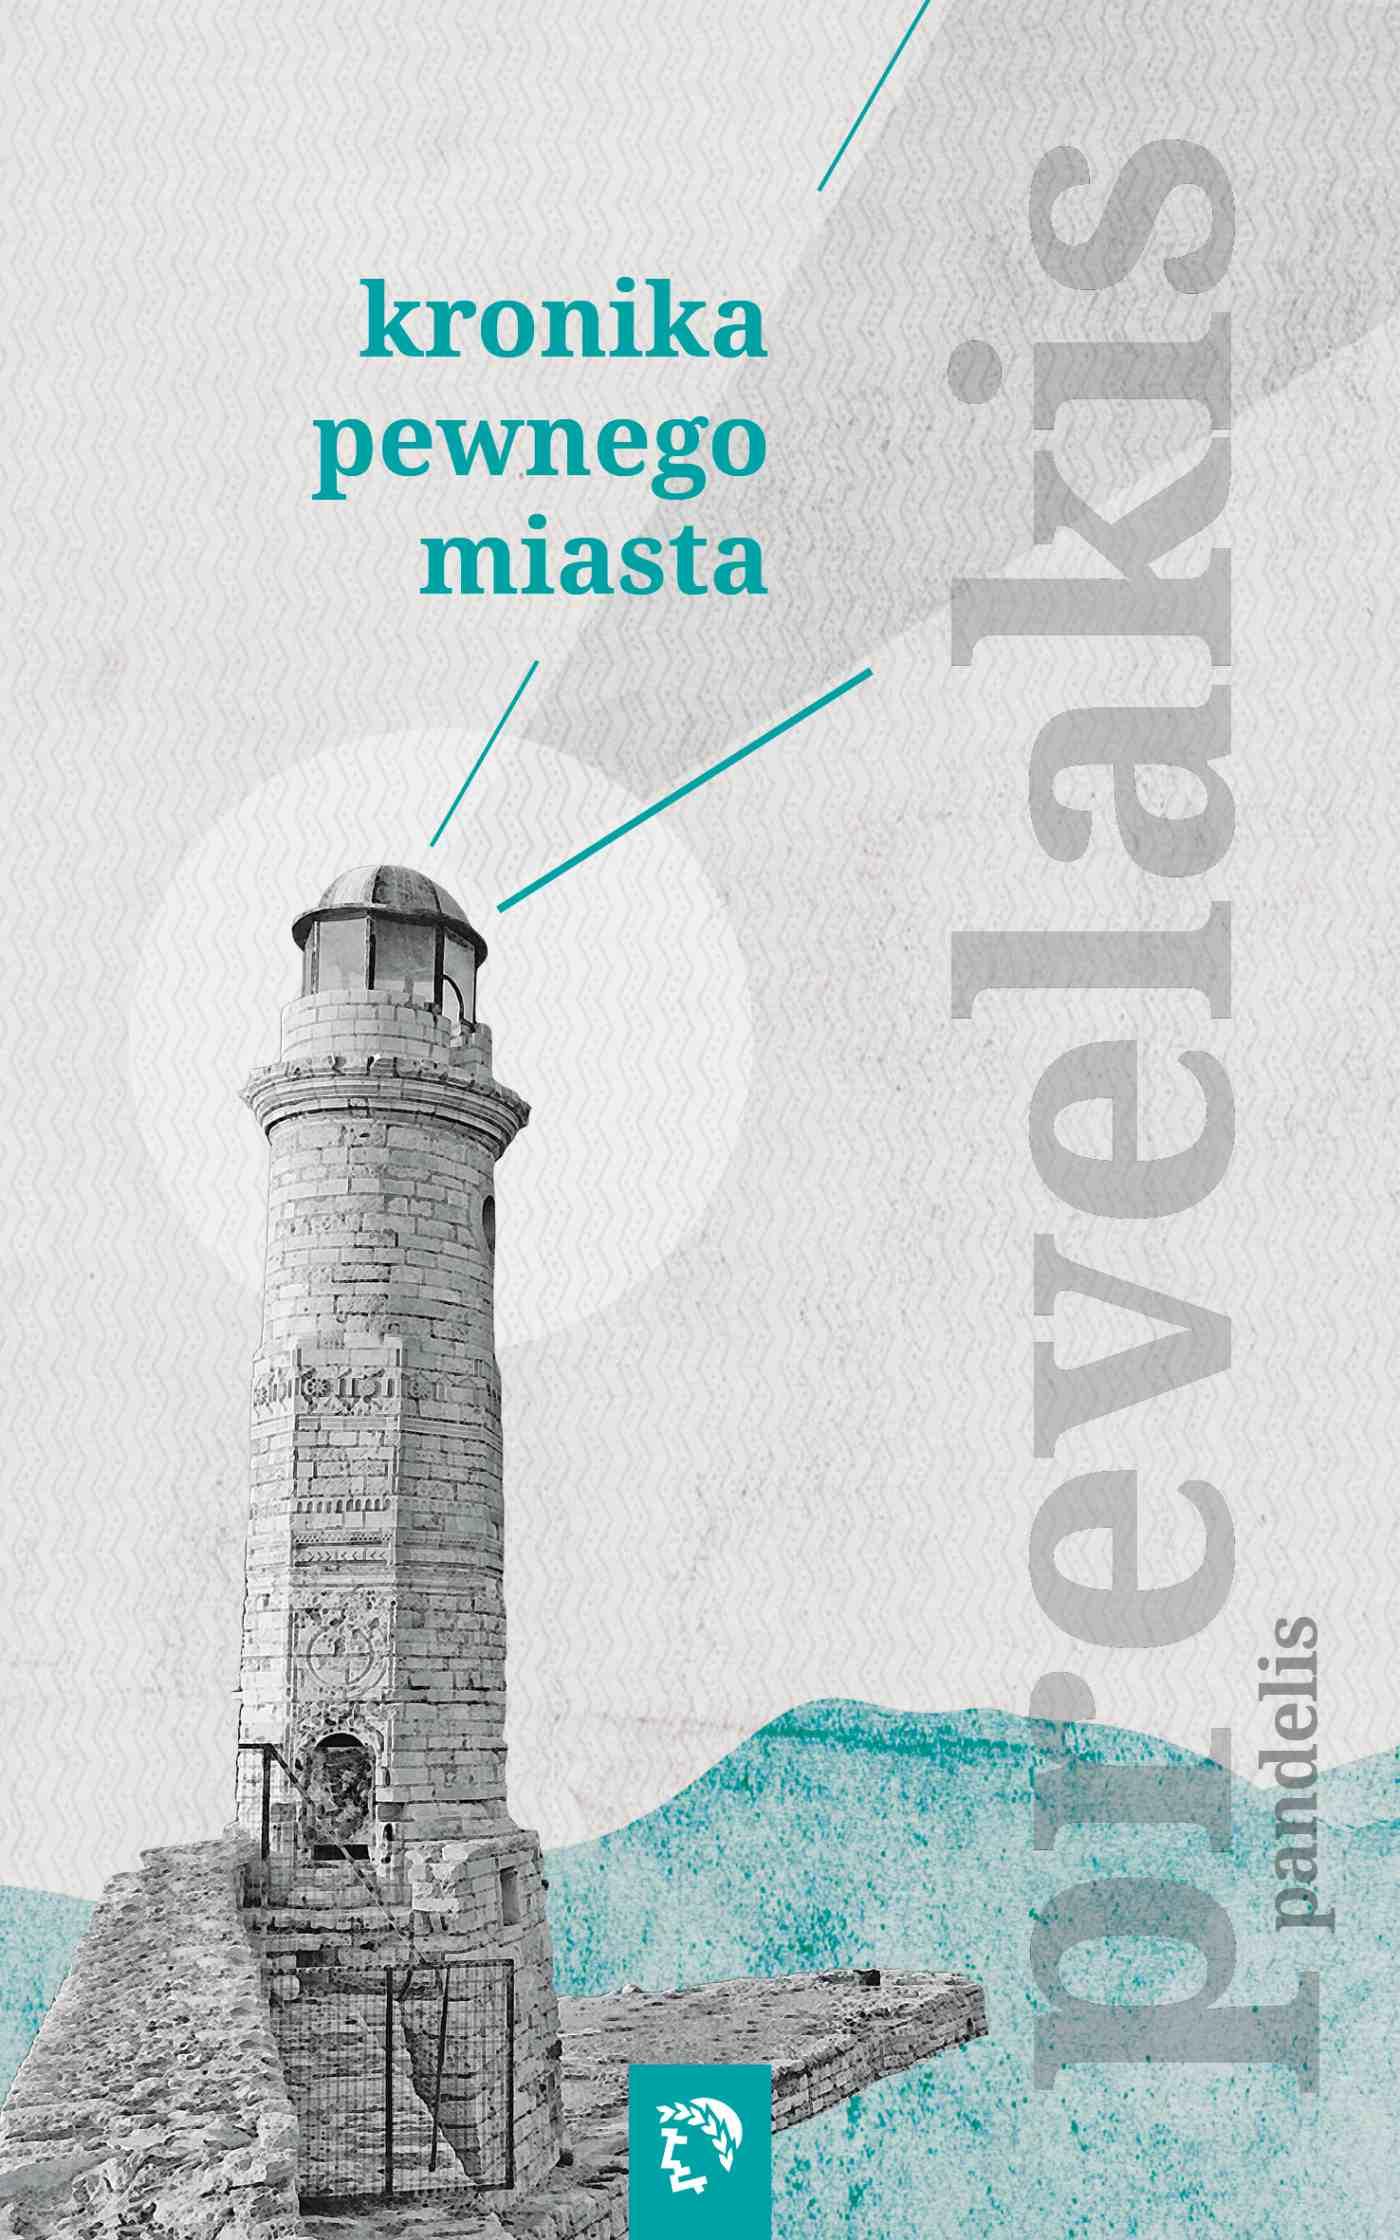 Kronika pewnego miasta - Ebook (Książka EPUB) do pobrania w formacie EPUB